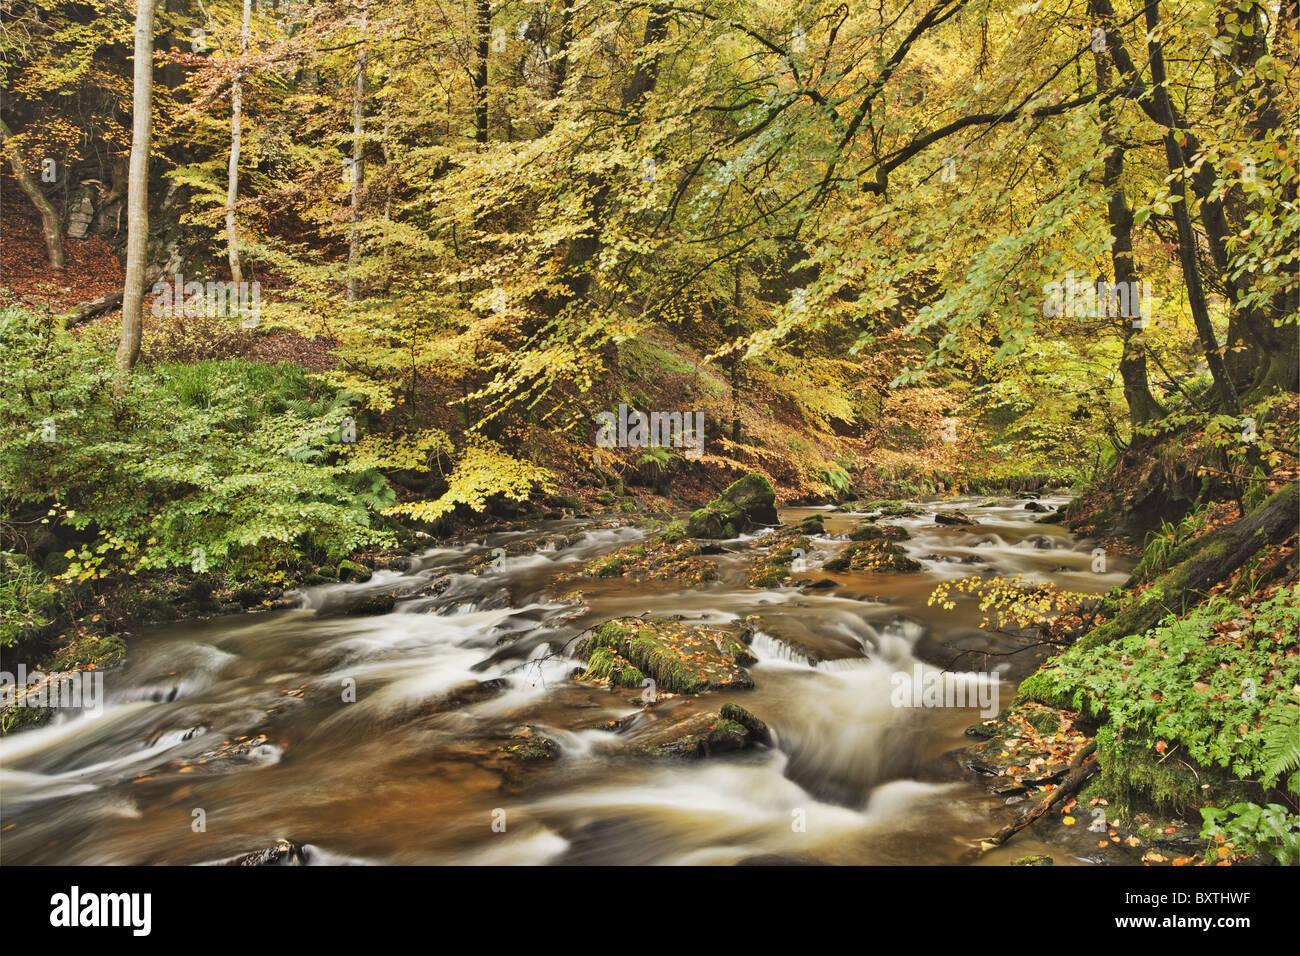 Cubierta de hojas otoñales de los árboles a lo largo de un arroyo en Escocia. Imagen De Stock